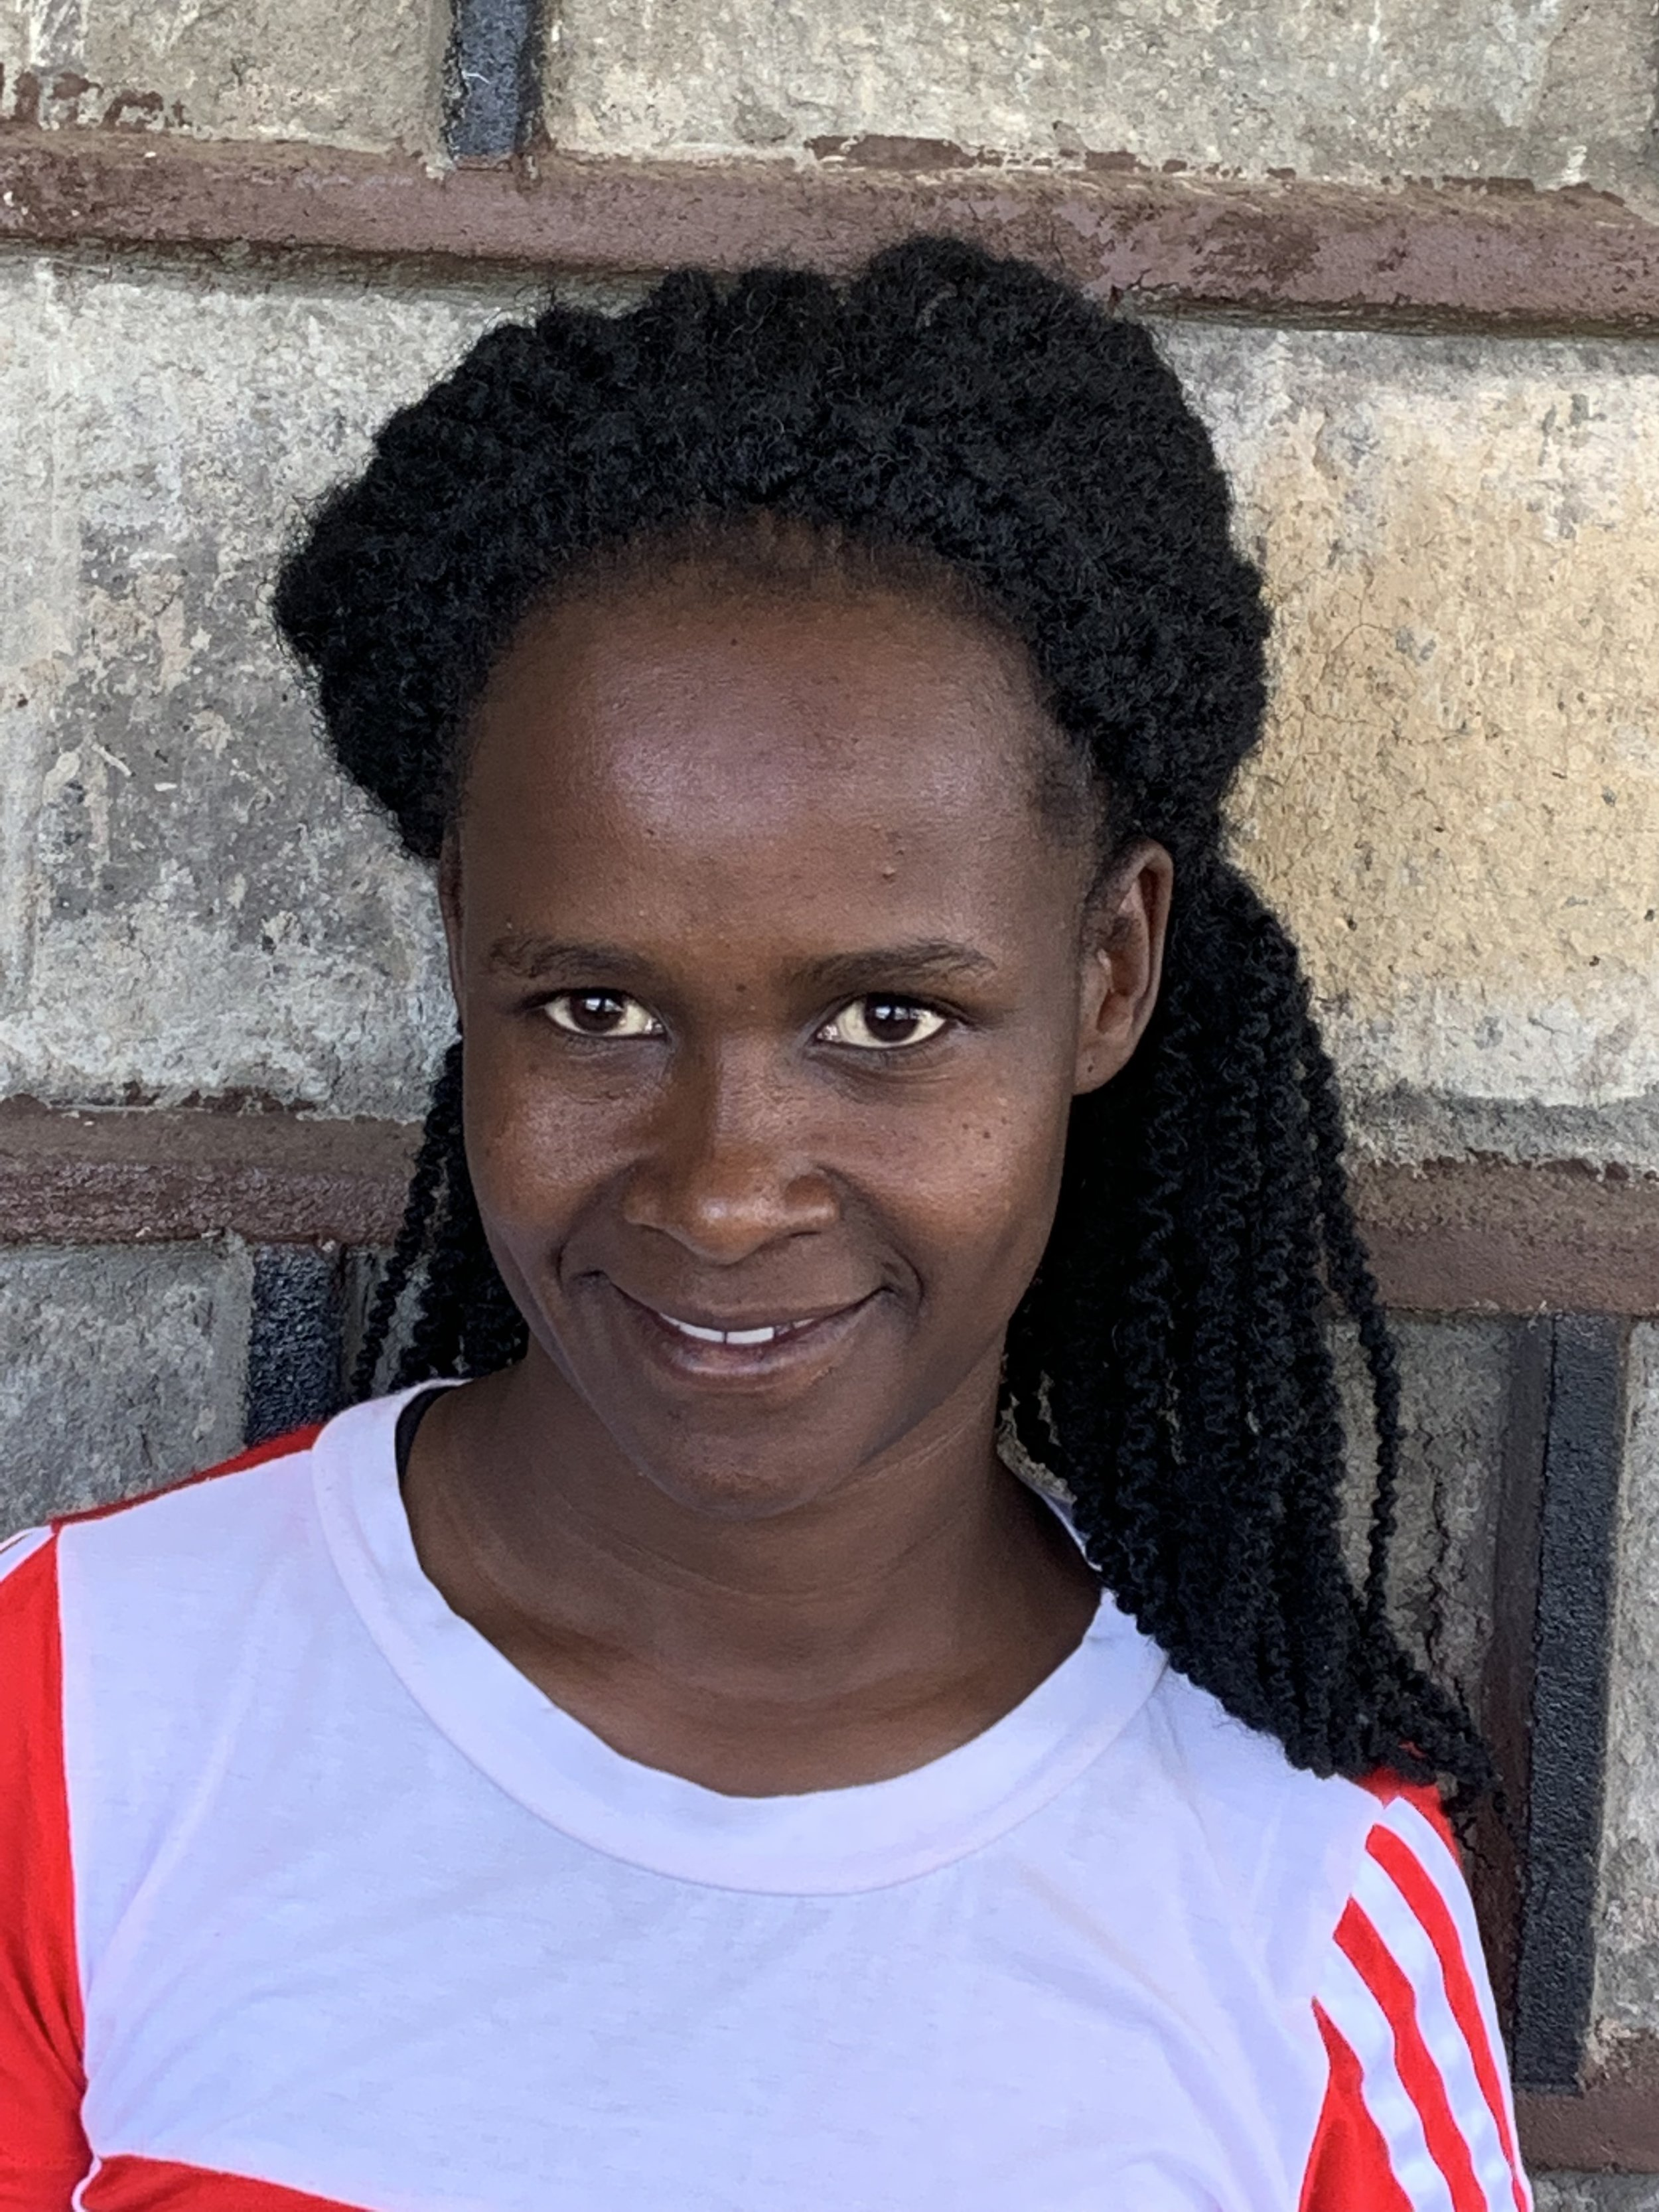 Tomonik Ntutu